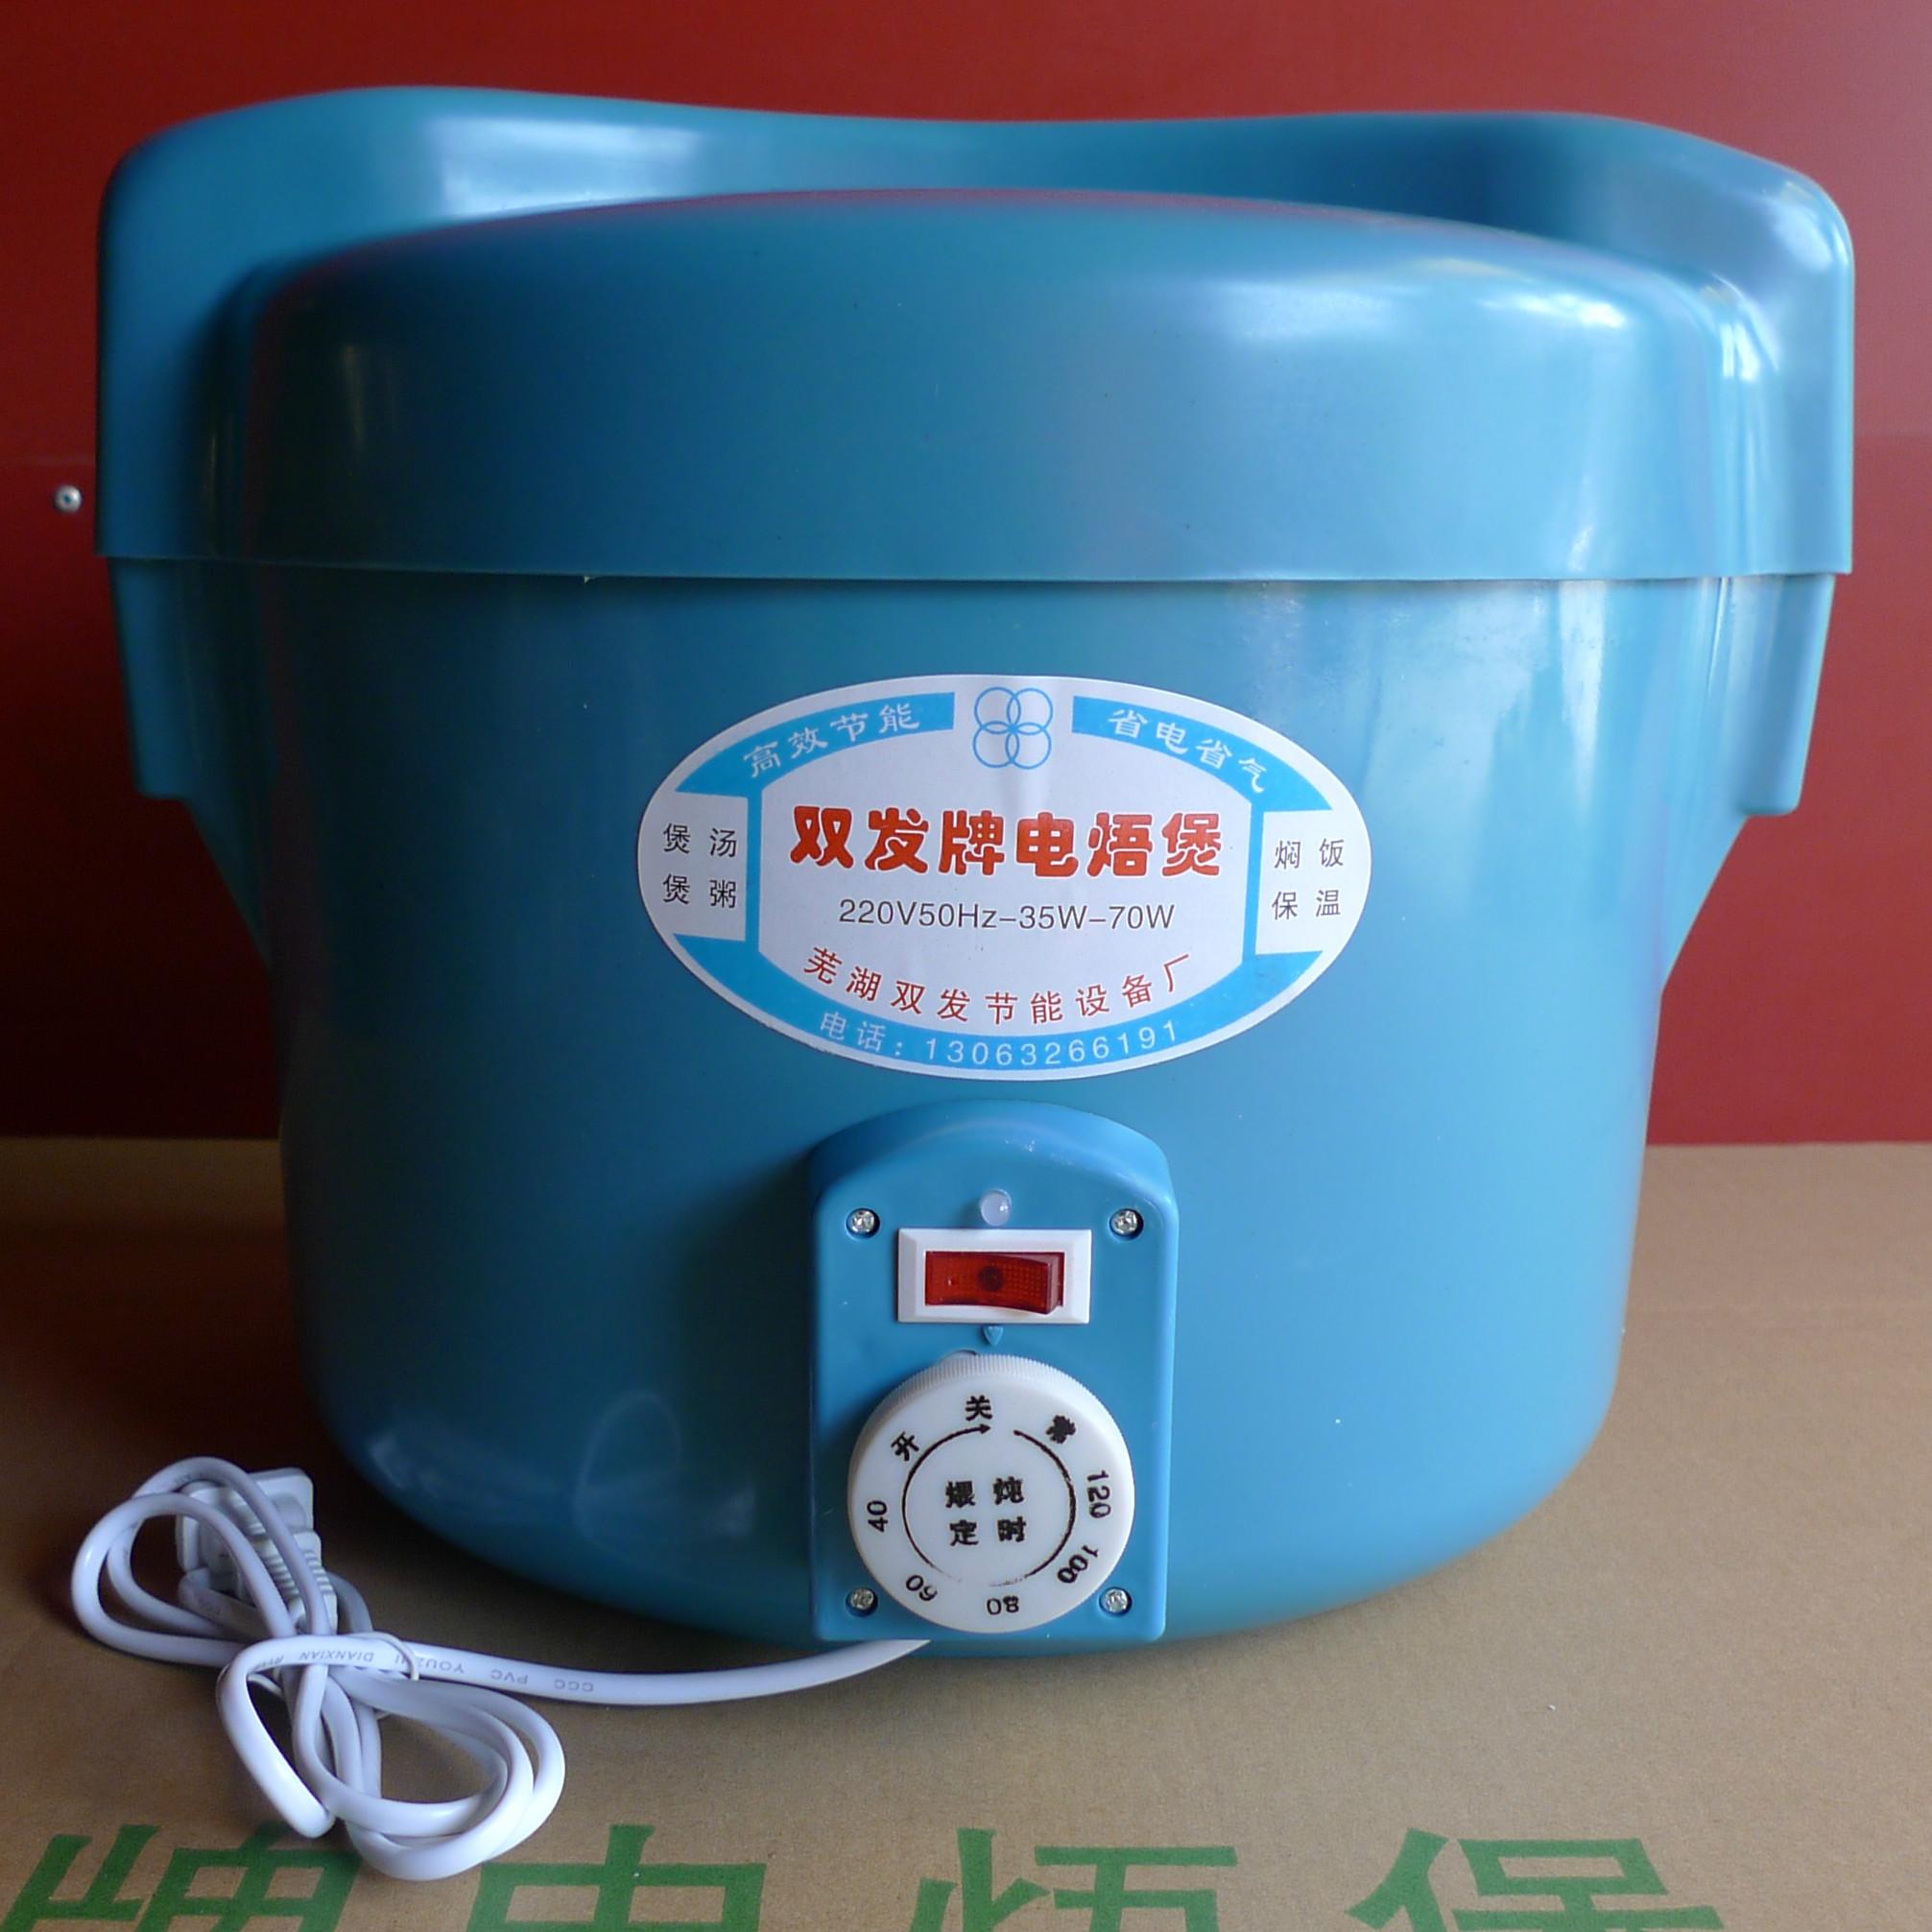 双发牌文火煲电焐煲煨炖炉 芜湖双发节能设备厂直销 半塑定时器型